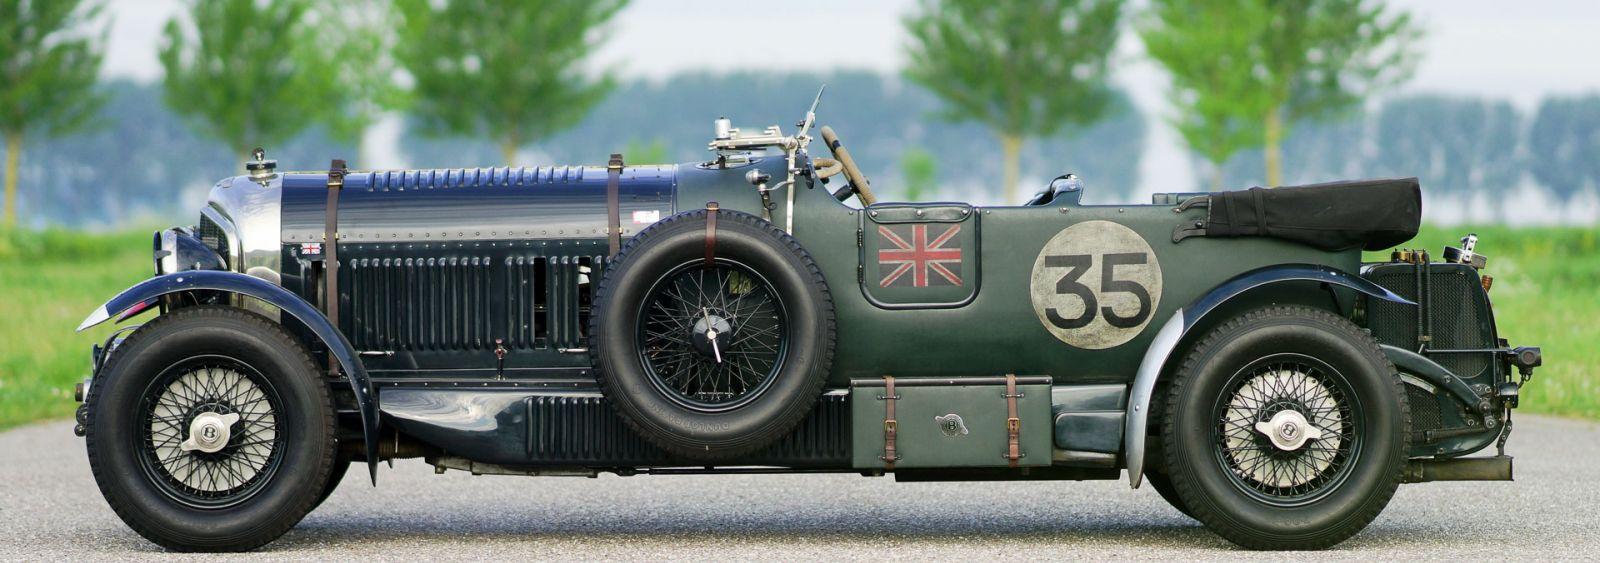 Bentley 6 5 Litre 'Blower', 1935 - Welcome to ClassiCarGarage